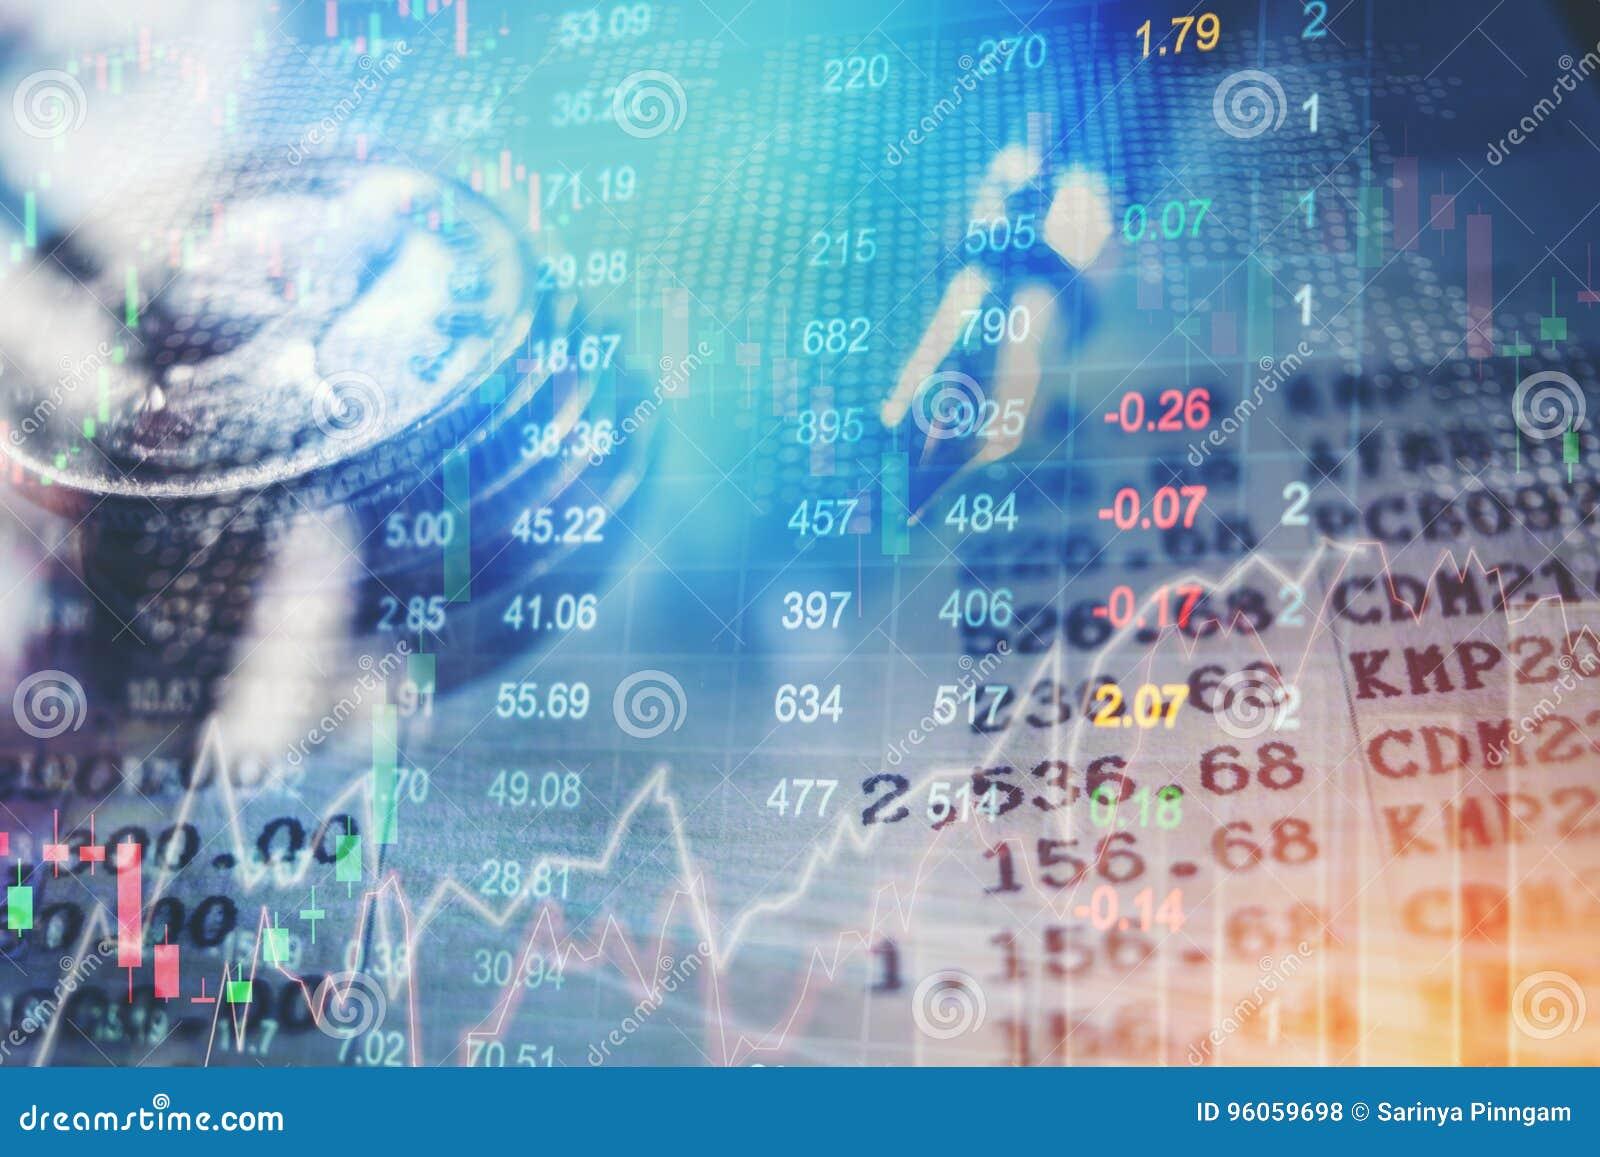 Graphique de stoc financier d abrégé sur analyse d indicateur de marché boursier